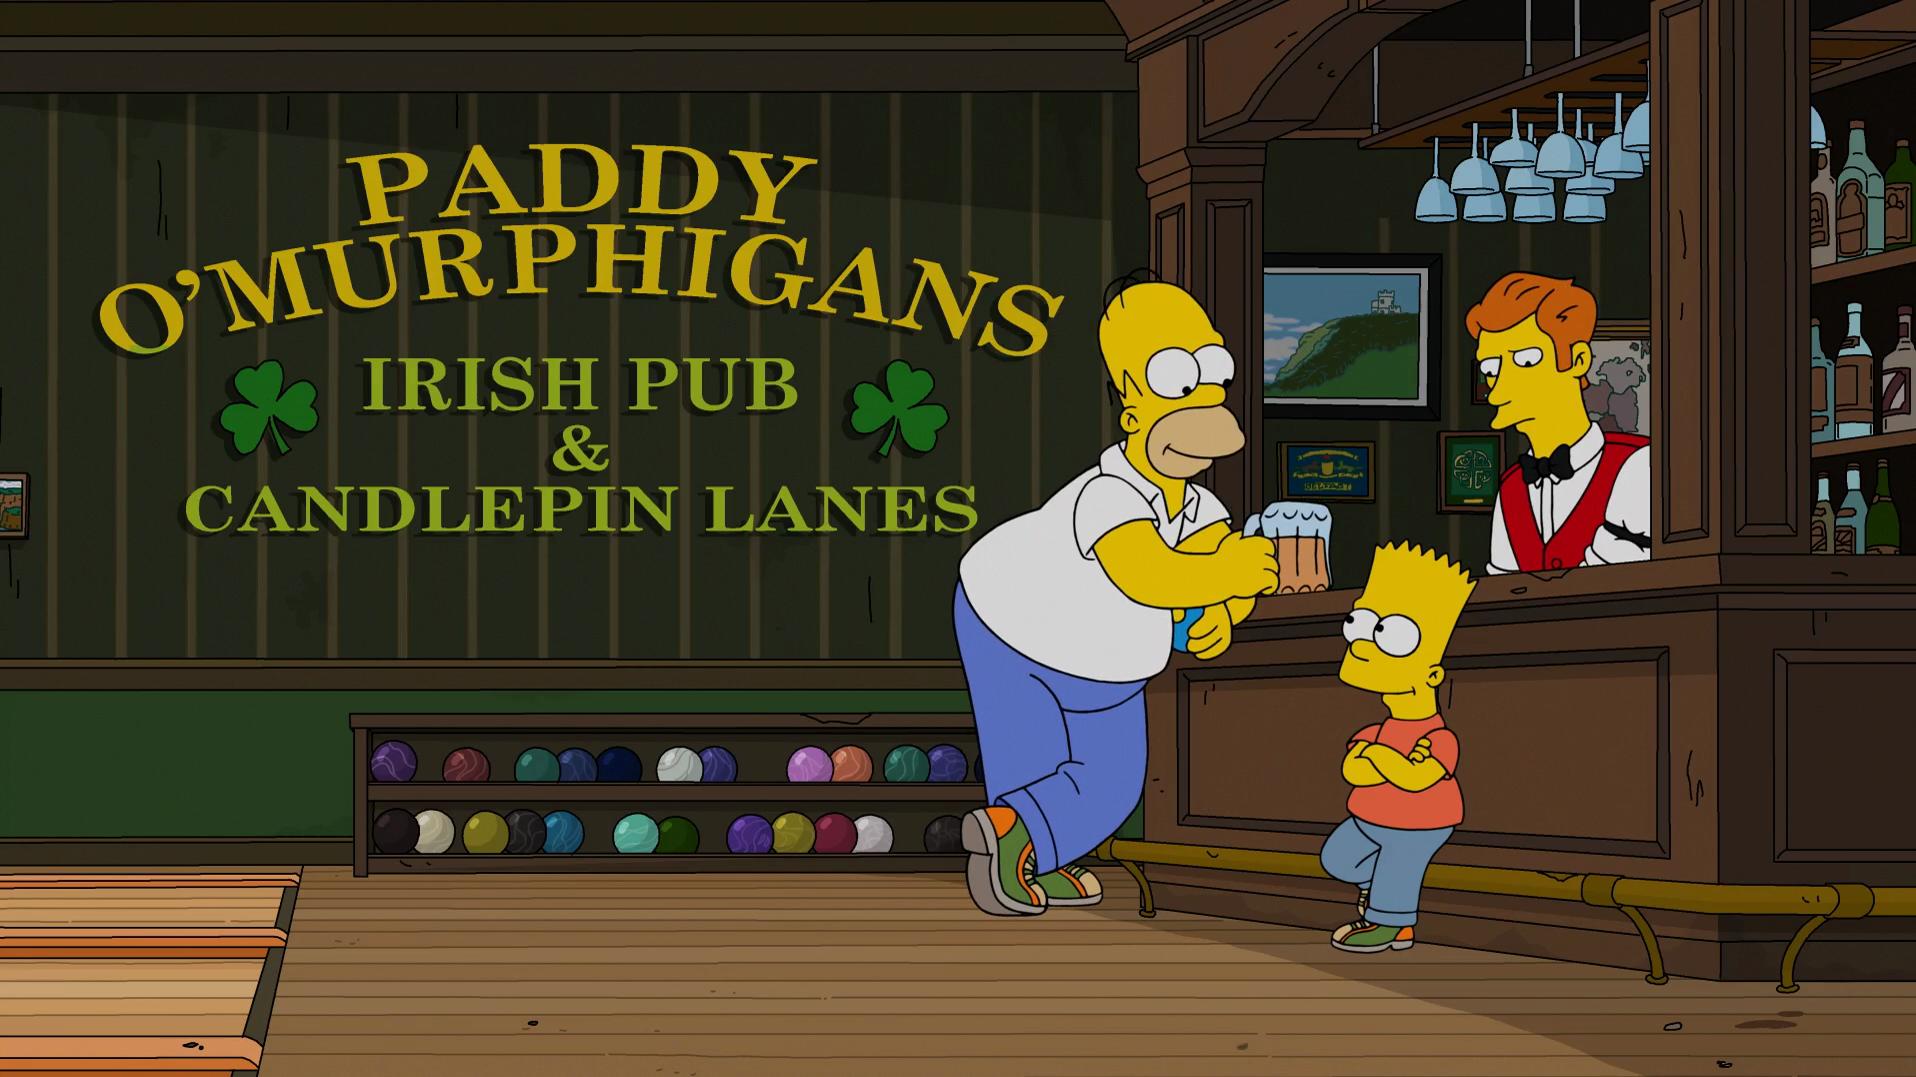 Paddy O'Murphigans Irish Pub & Candlepin Lanes.png